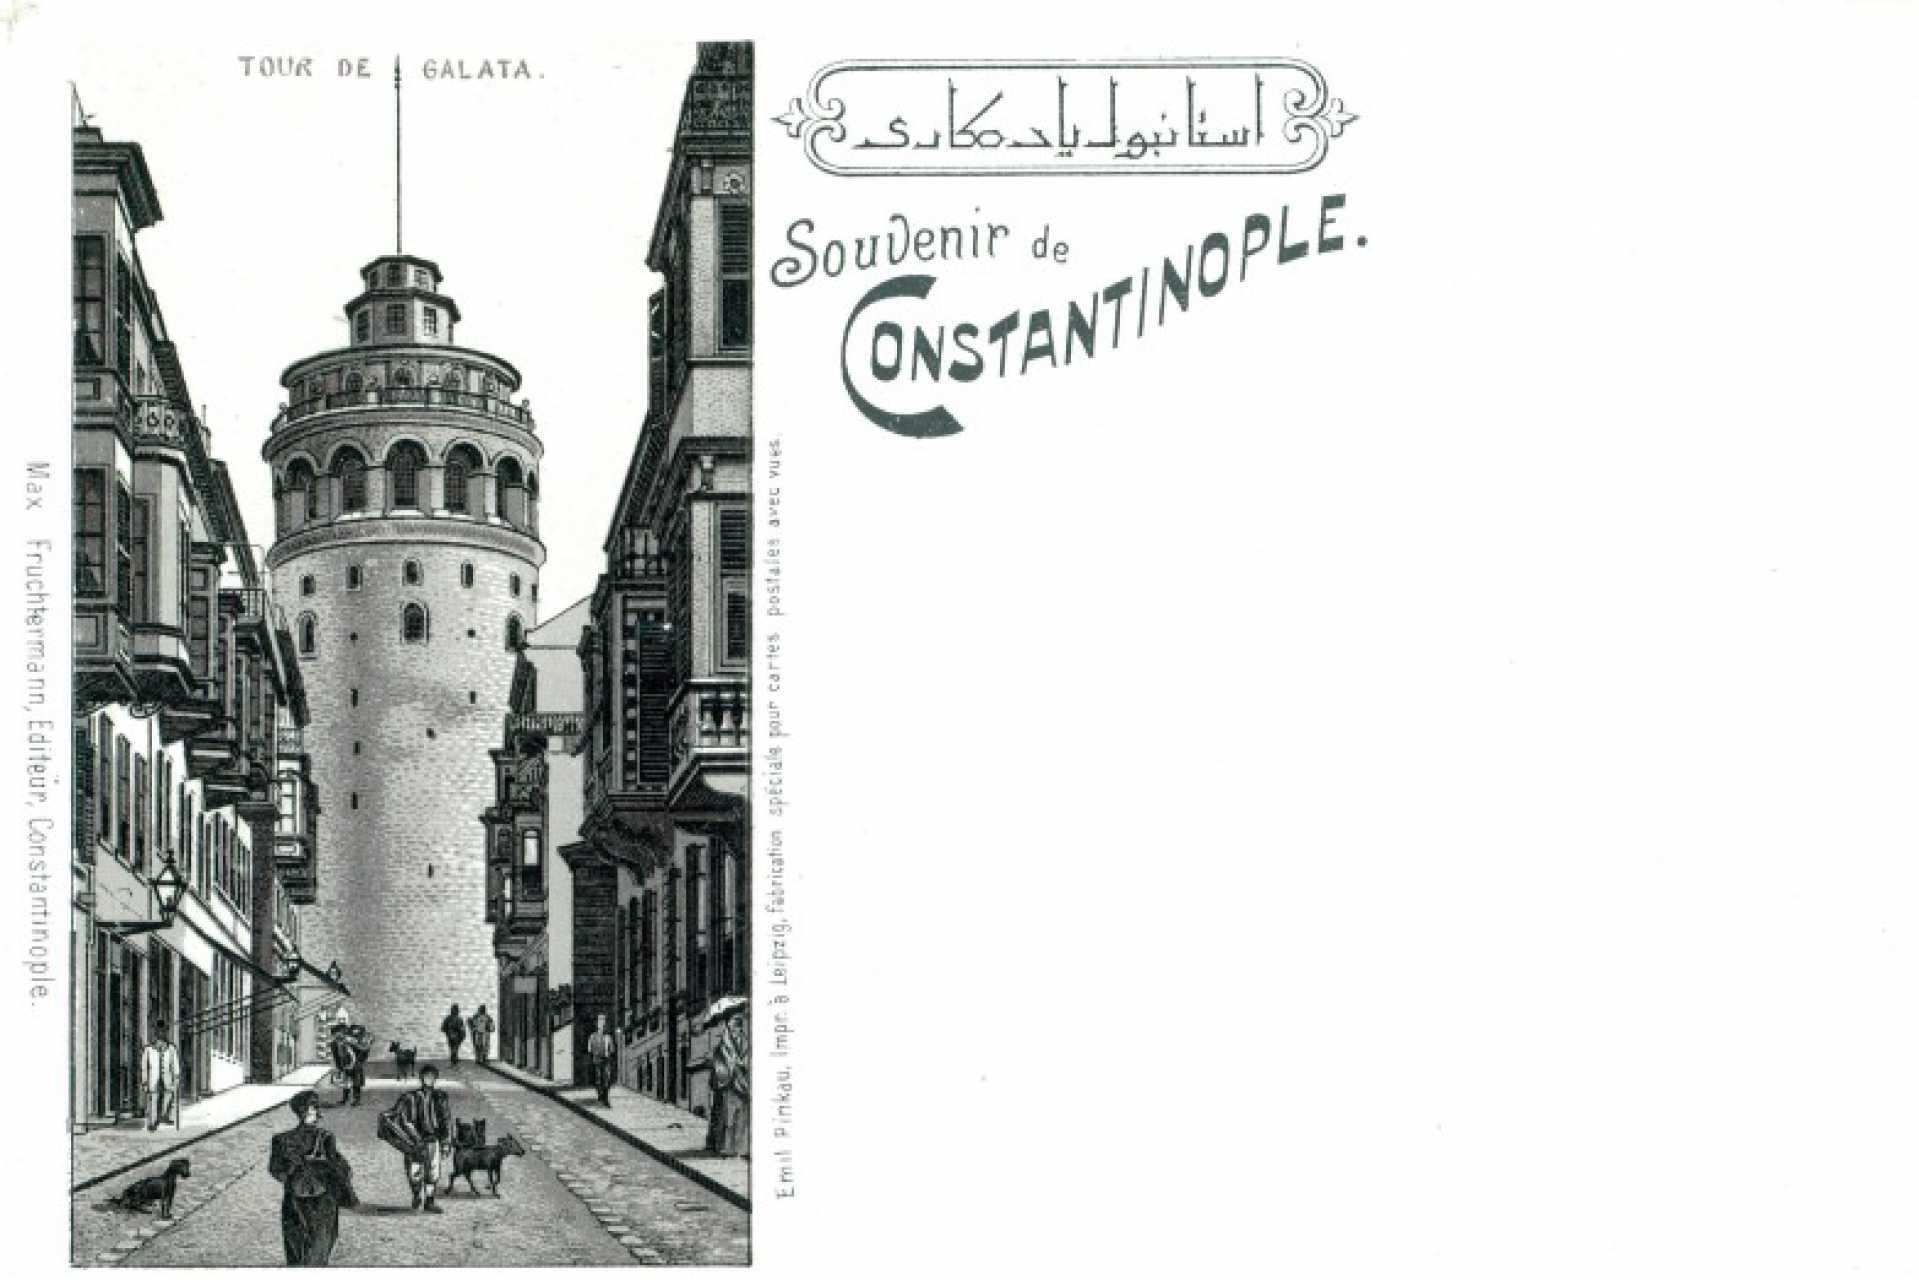 Souvenir de Constantinople. Tour de Galata